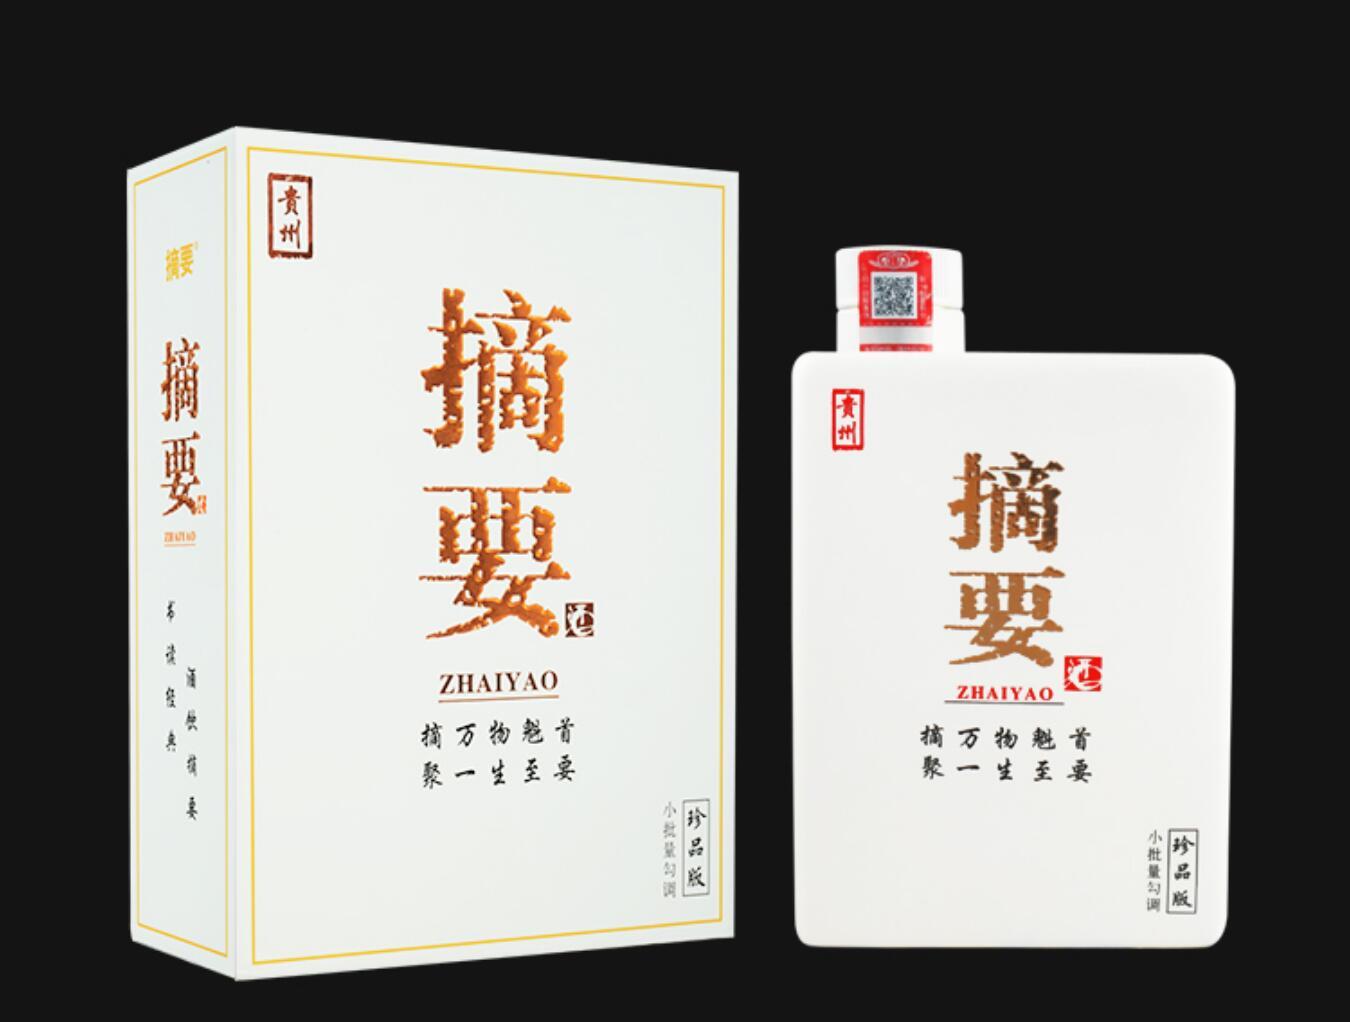 贵州茅台酒一瓶难求,习酒、仁战1935酒等酱香白酒成新宠